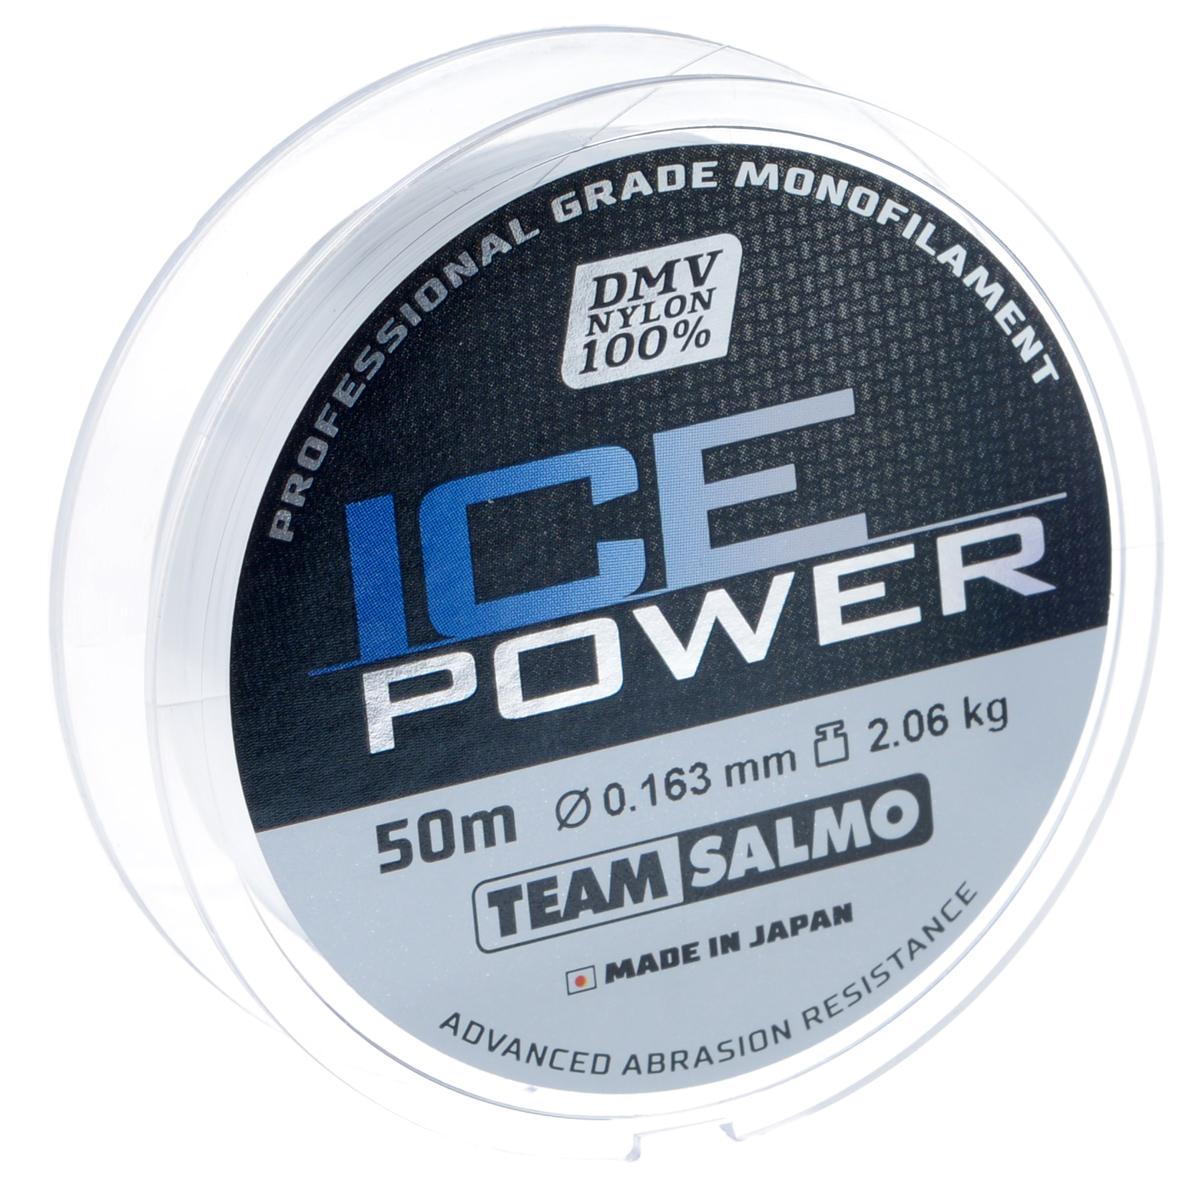 Леска монофильная Team Salmo Ice Power, сечение 0,163 мм, длина 50 м4271825Team Salmo Ice Power - это леска последнего поколения, идеально калиброванная по всей длине, с точностью, определяемой до третьего знака. Материал, из которого изготовлена леска, обладает повышенной абразивной устойчивостью и не взаимодействует с водой, поэтому на морозе не теряет своих физических свойств, что значительно увеличивает срок ее службы. У лески отсутствует память, поэтому в процессе эксплуатации она не деформируется. Низкий коэффициент растяжимости делает леску максимально чувствительной, при этом она практически незаметна для рыбы. Леска производится использованием самого высококачественного сырья и новейших технологий.